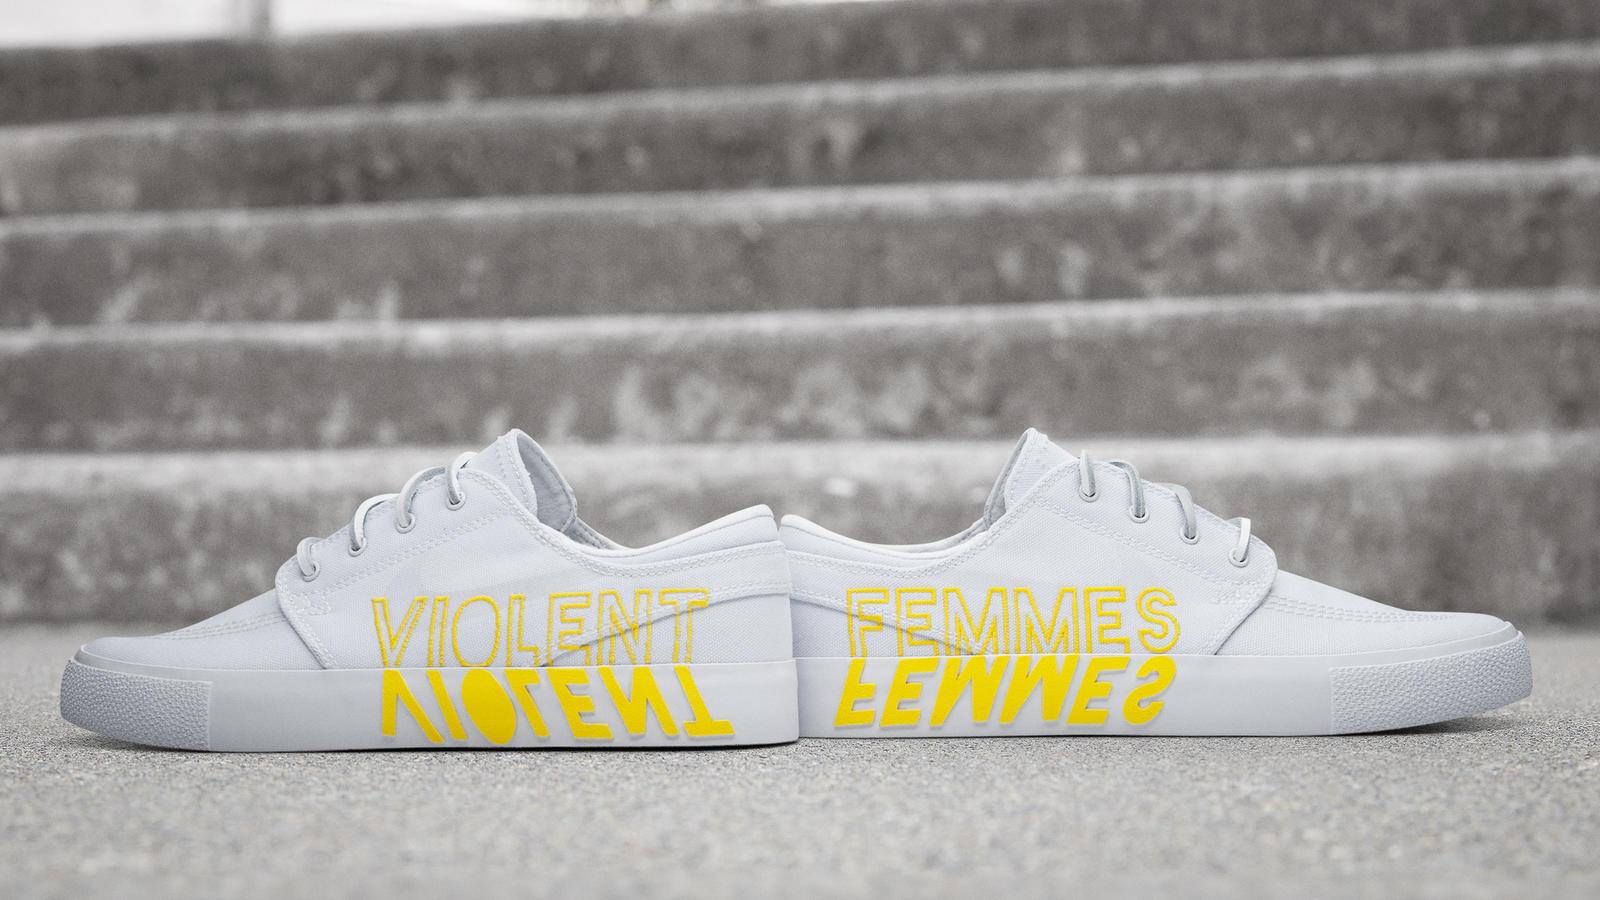 detailing 835f0 9f1fc violent femmes nike sneaker